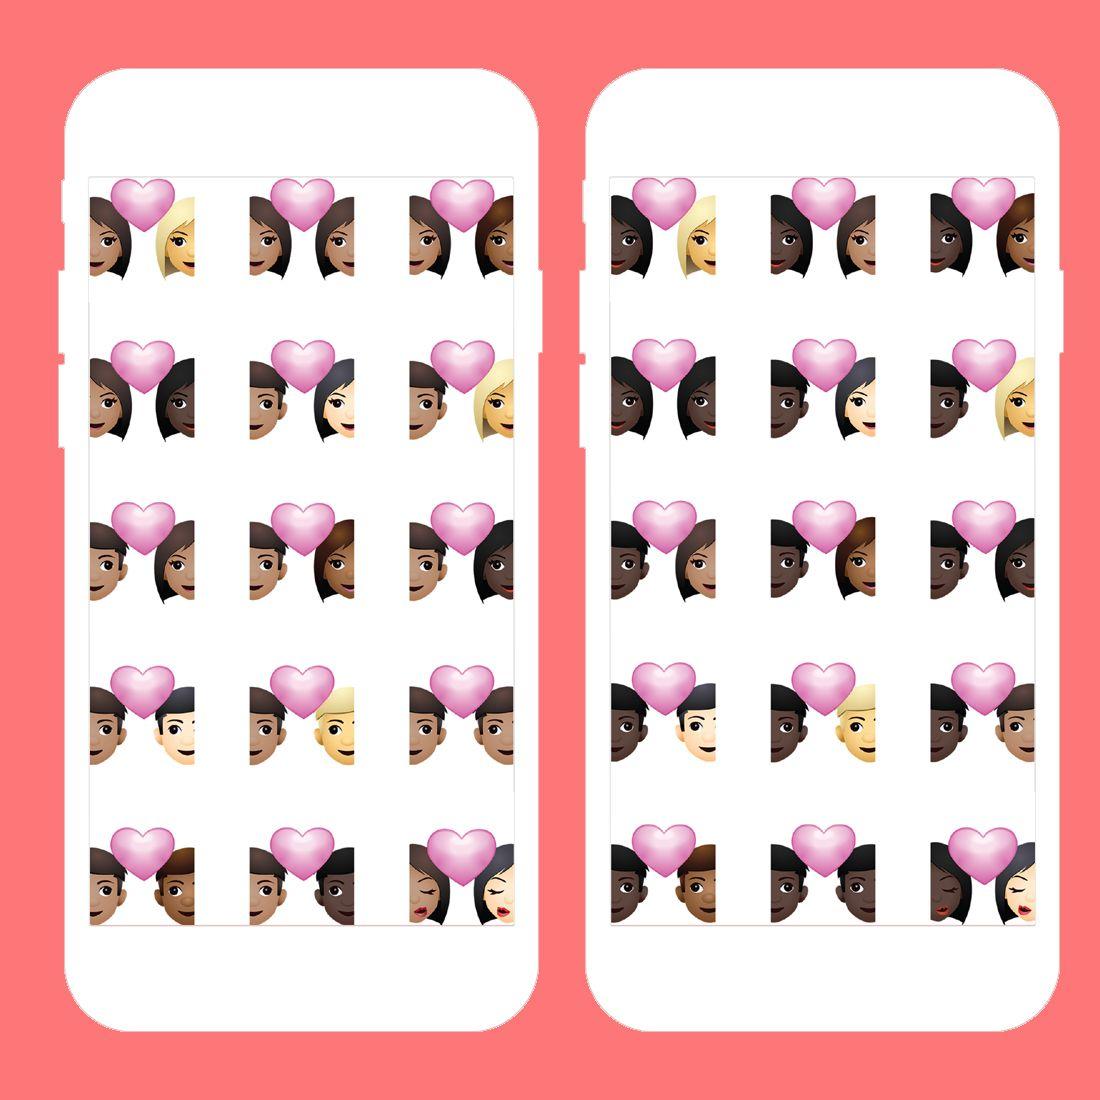 We Finally Have Interracial Couples Emoji